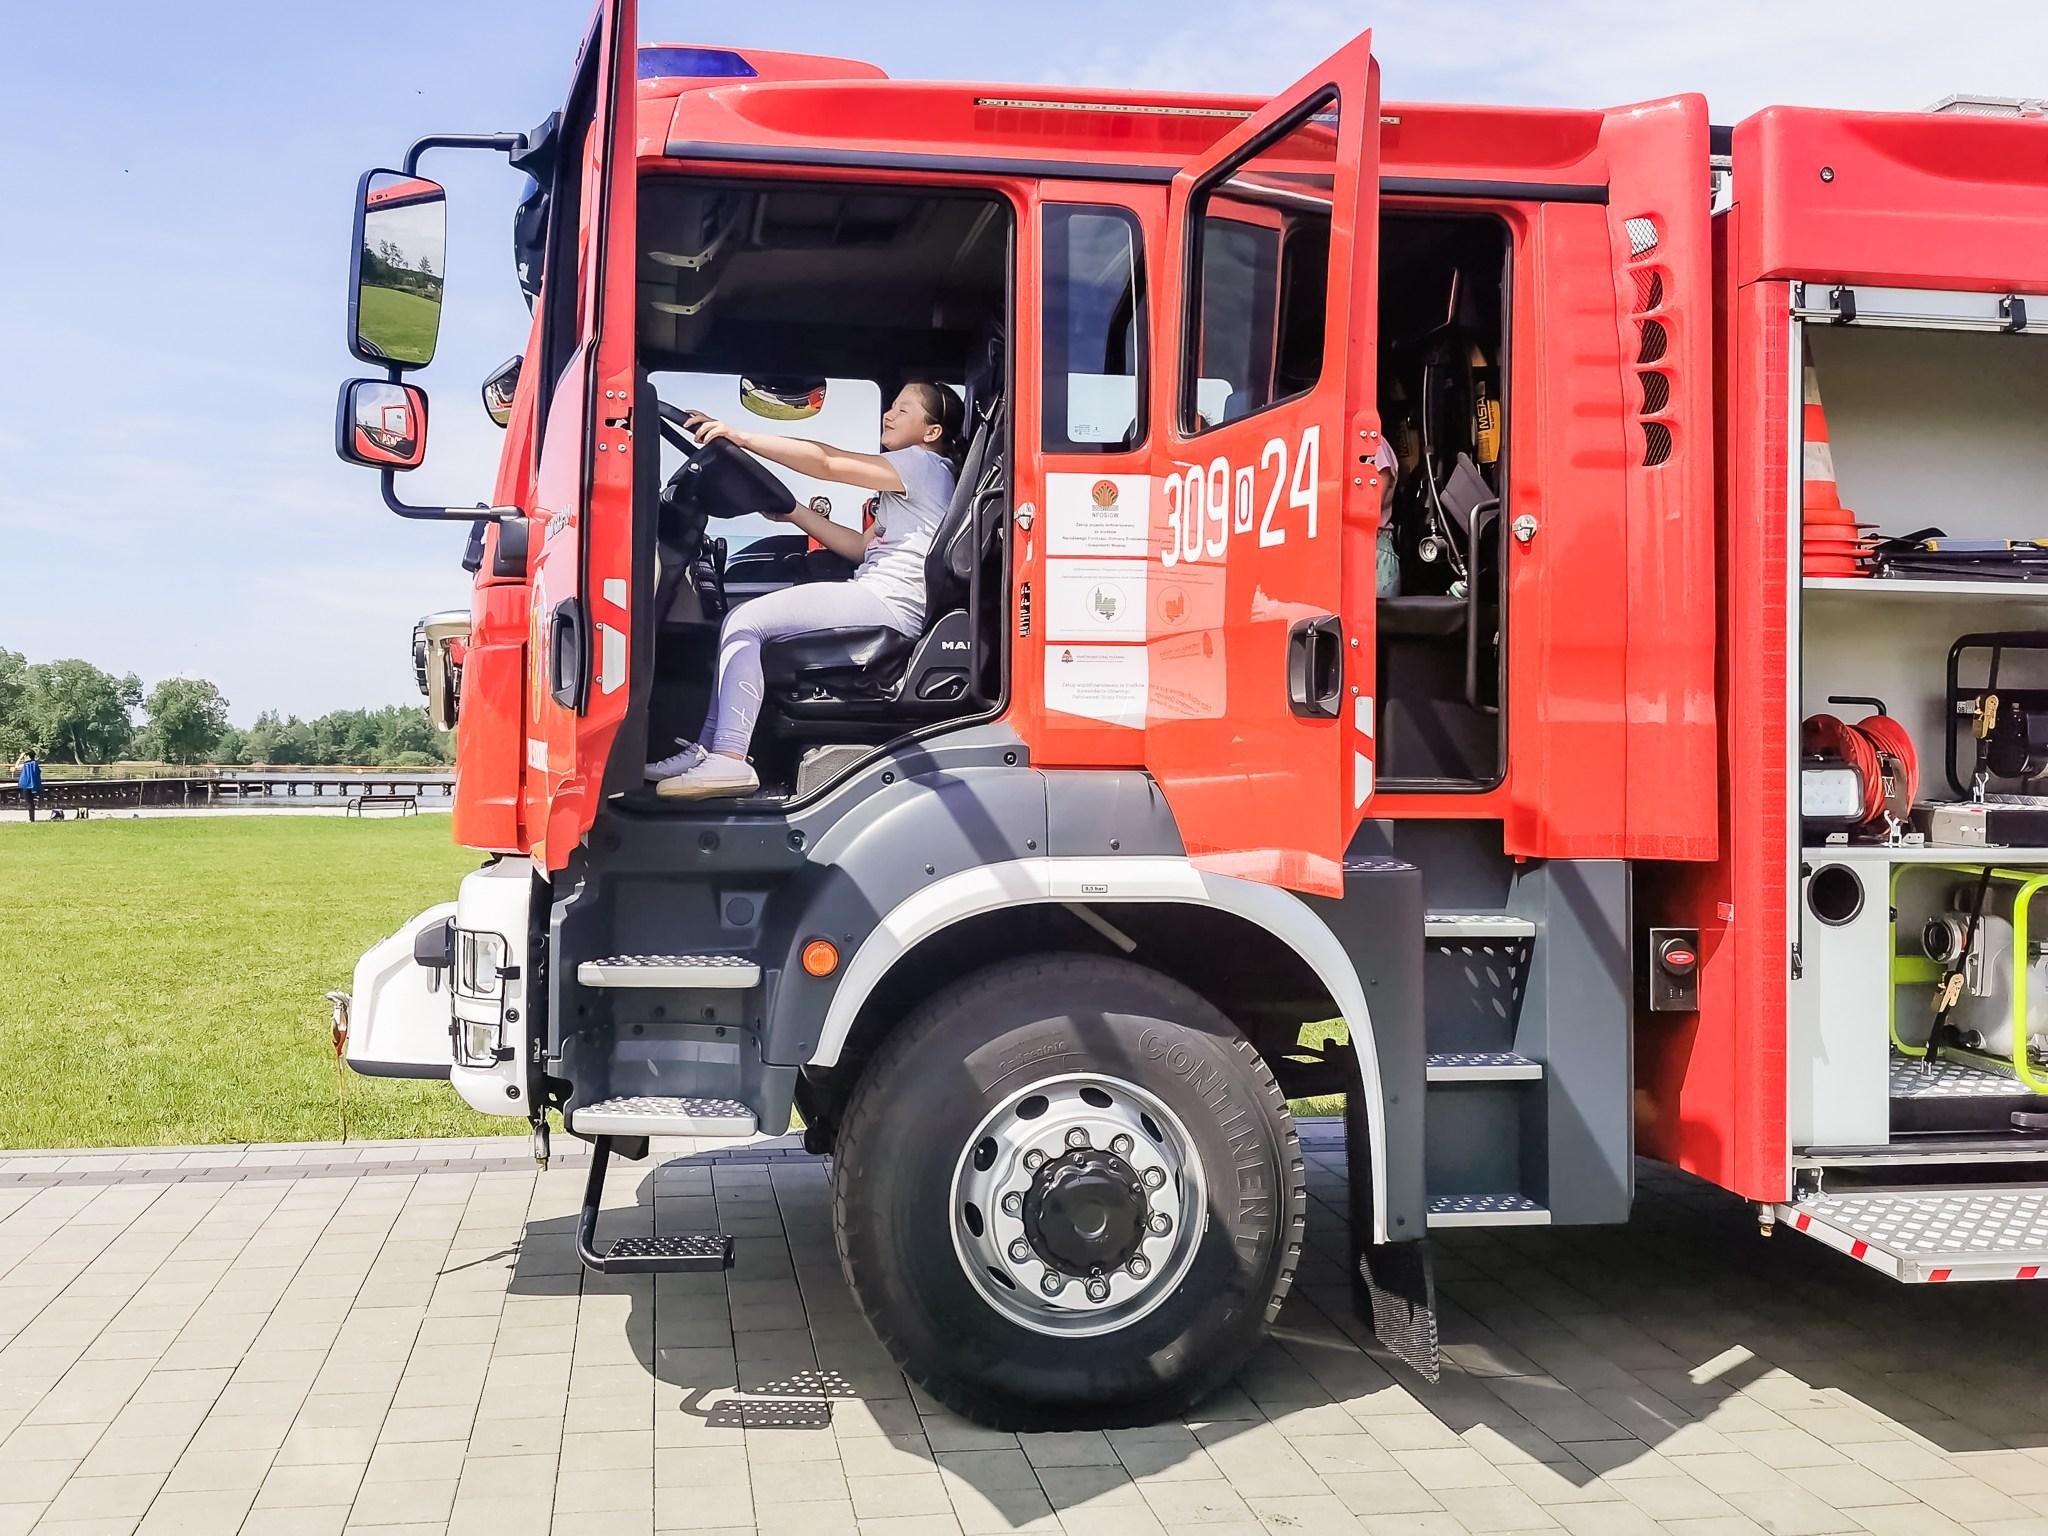 Pokazy strażackie z okazji Dnia Dziecka